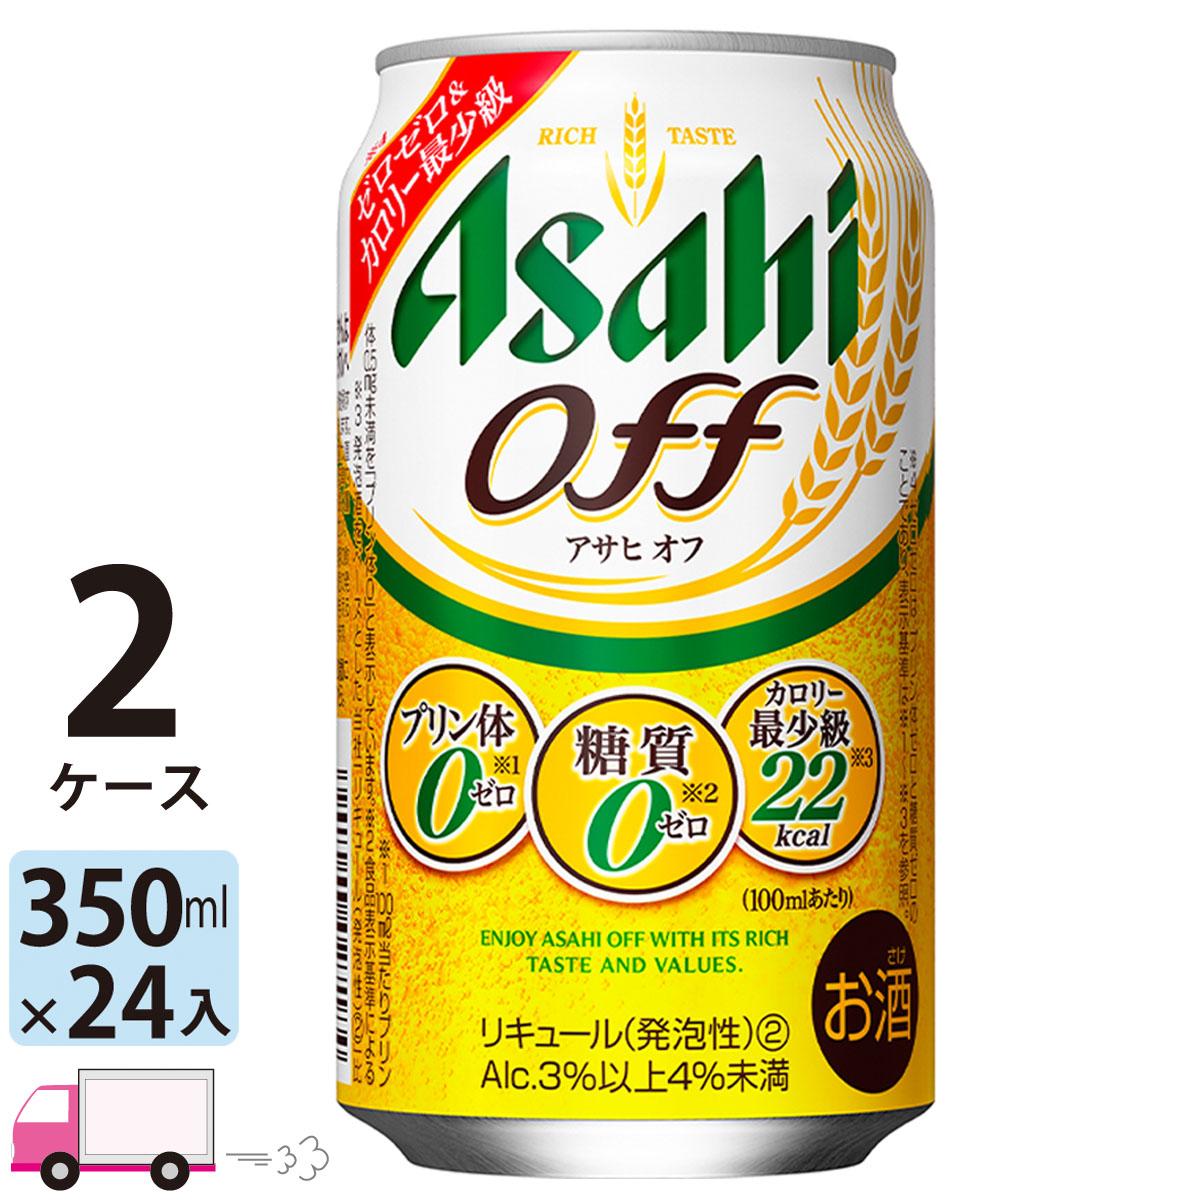 プリン体0、糖質0、人工甘味料0の新ジャンルです。 送料無料 アサヒ ビール オフ 350ml 24缶入 2ケース (48本)